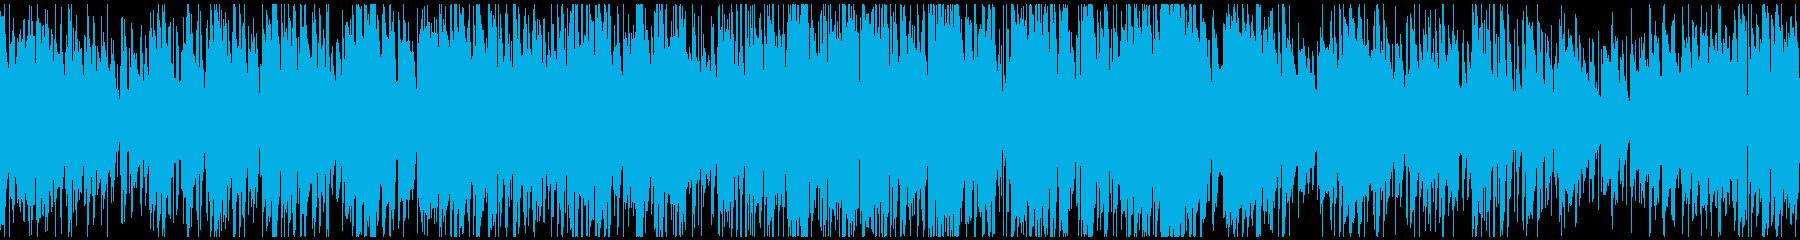 ゆるい優しいジャズSax生録 ※ループ版の再生済みの波形